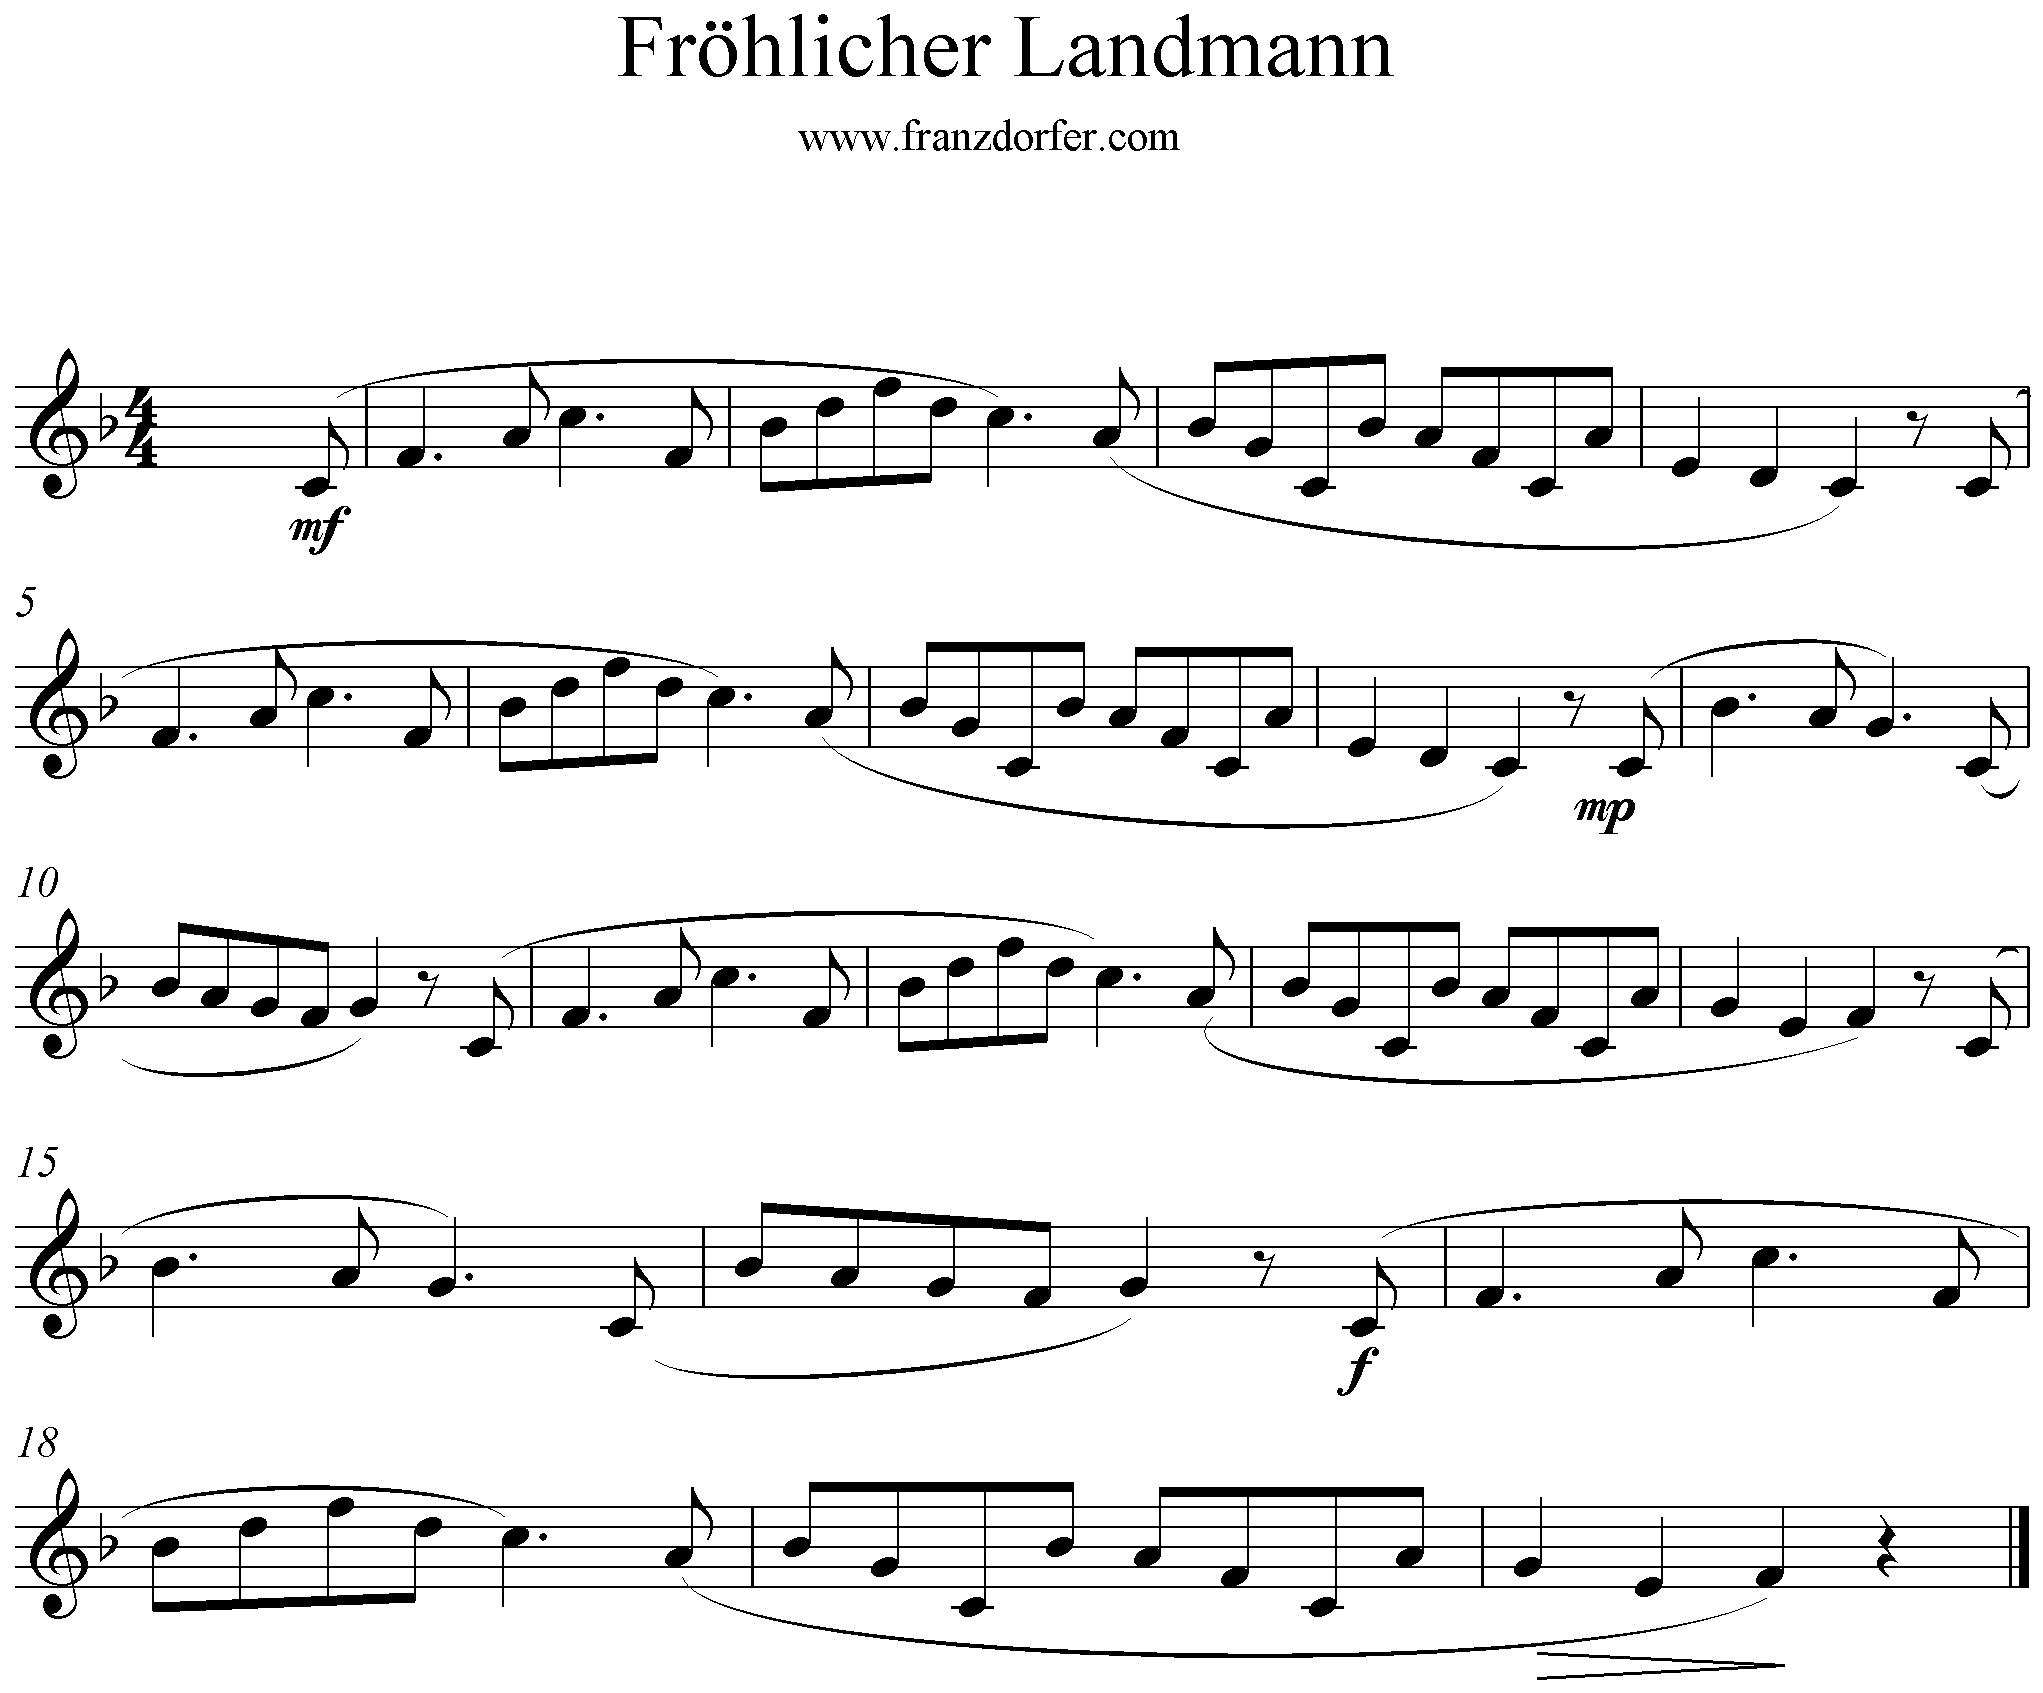 Noten der fröhliche Landmann, Blockflöte, F-Dur